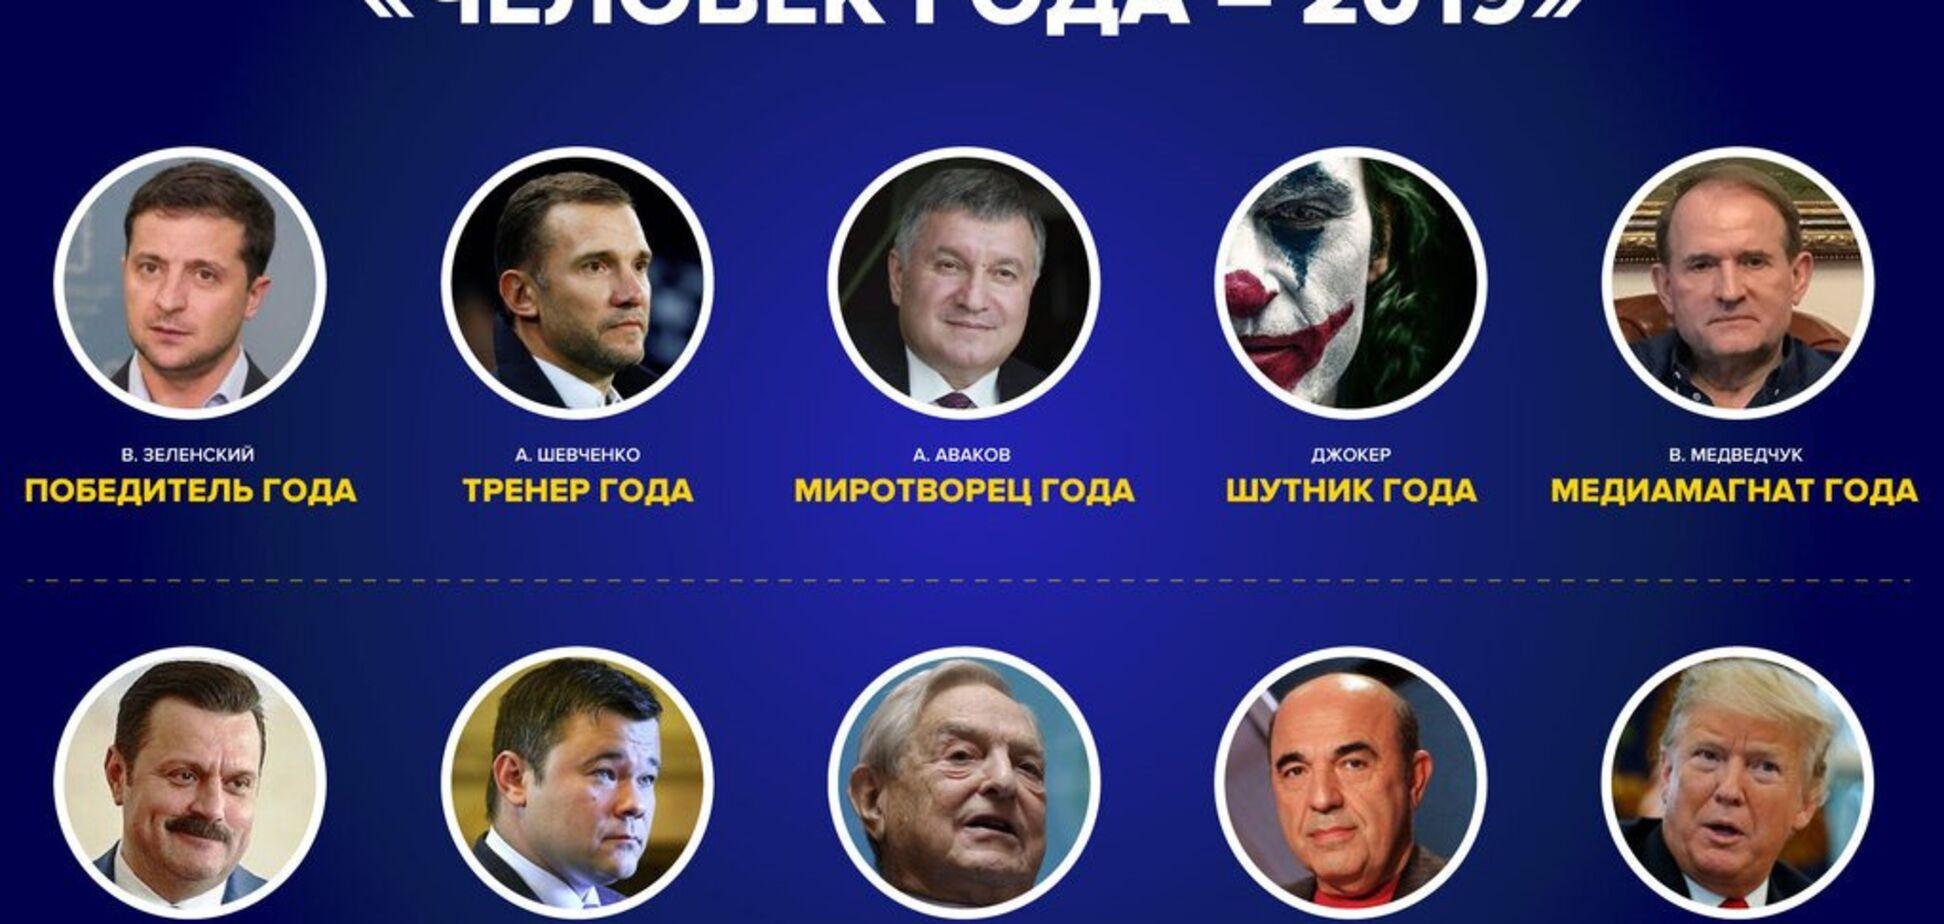 Зеленский, Шевченко и Рабинович вошли в национальный рейтинг 'Человек года – 2019'